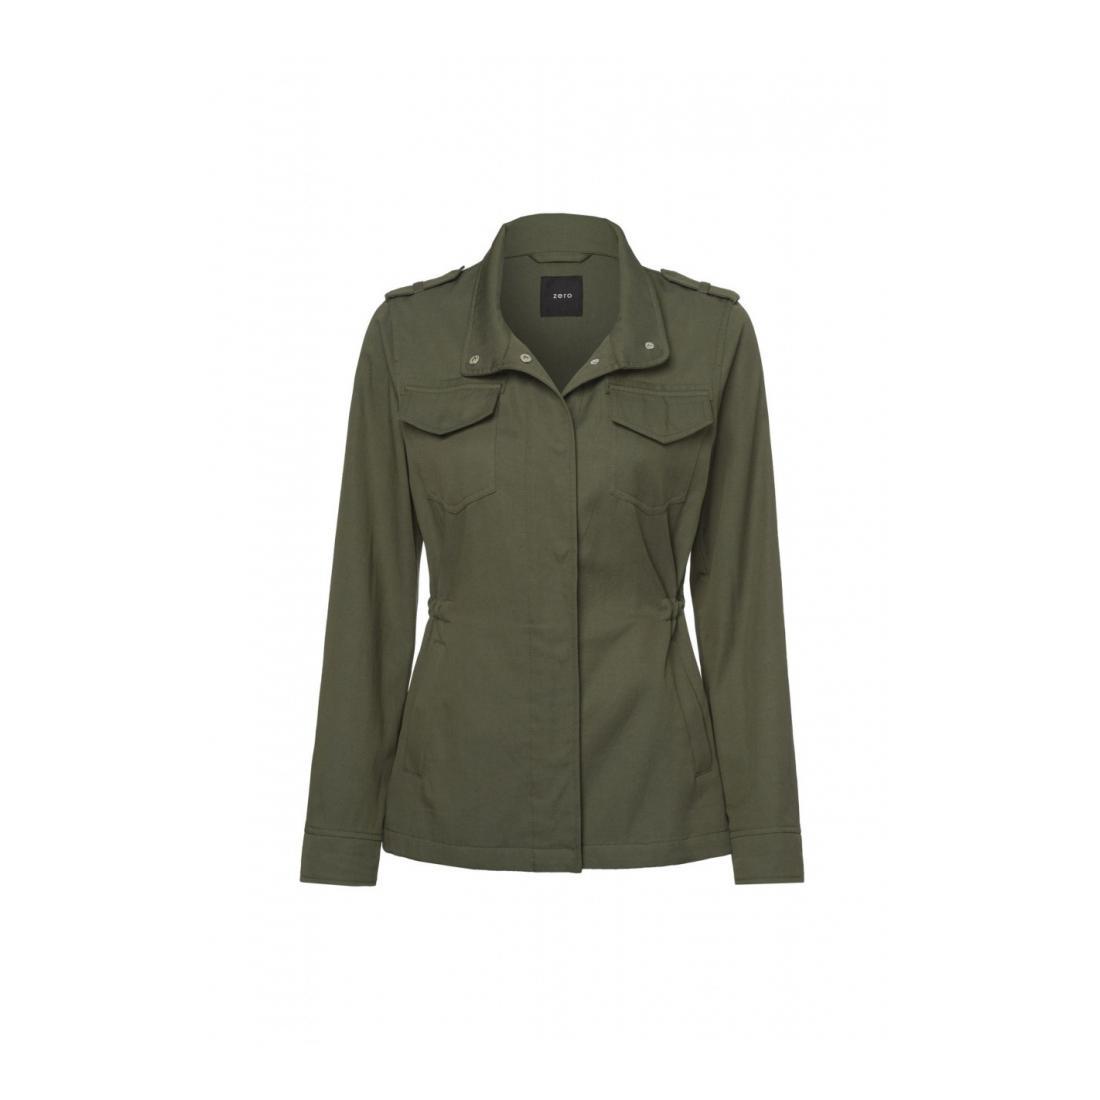 Zero Jacke kurz Damen soft utility Jacket